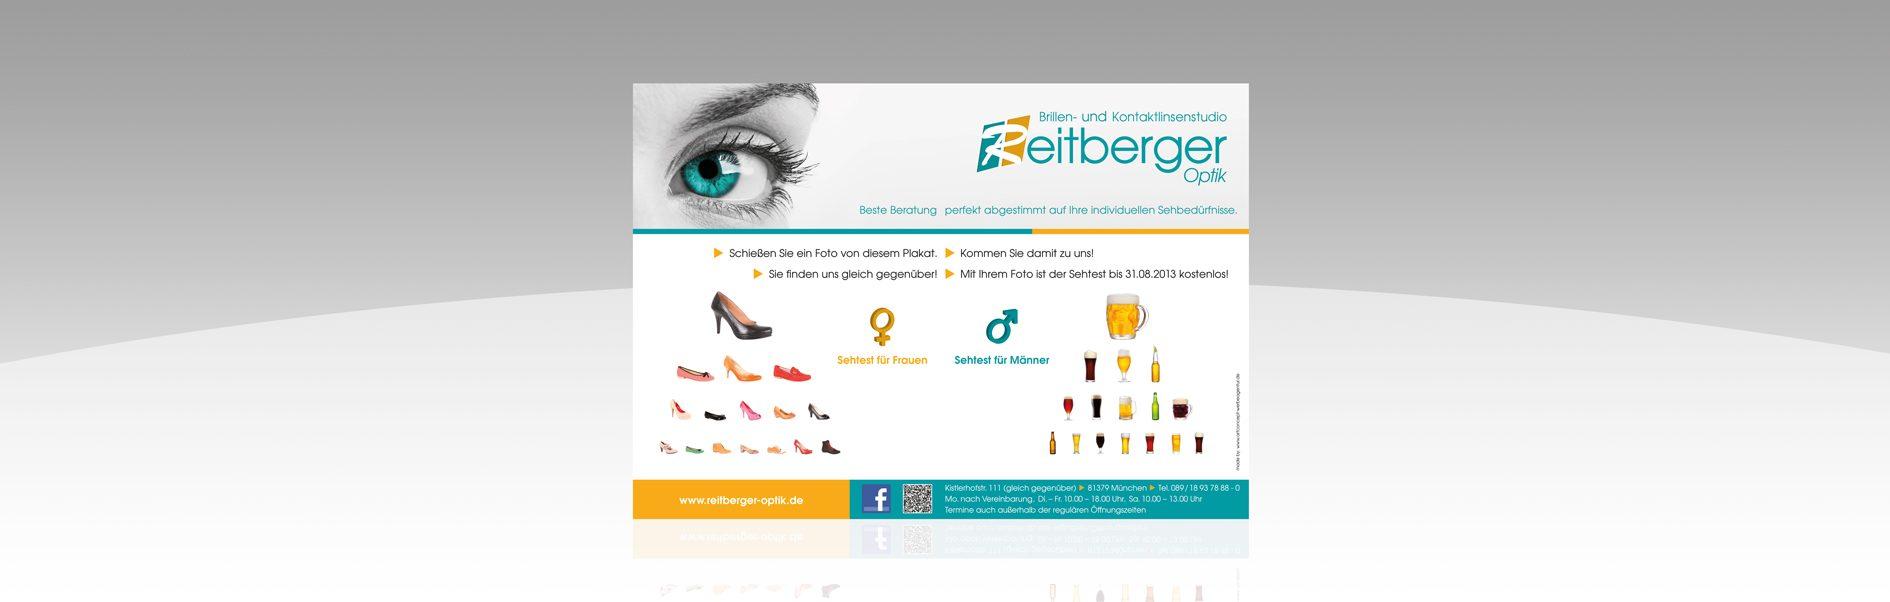 Hier ist das Reitberger Optik Plakat abgebildet.